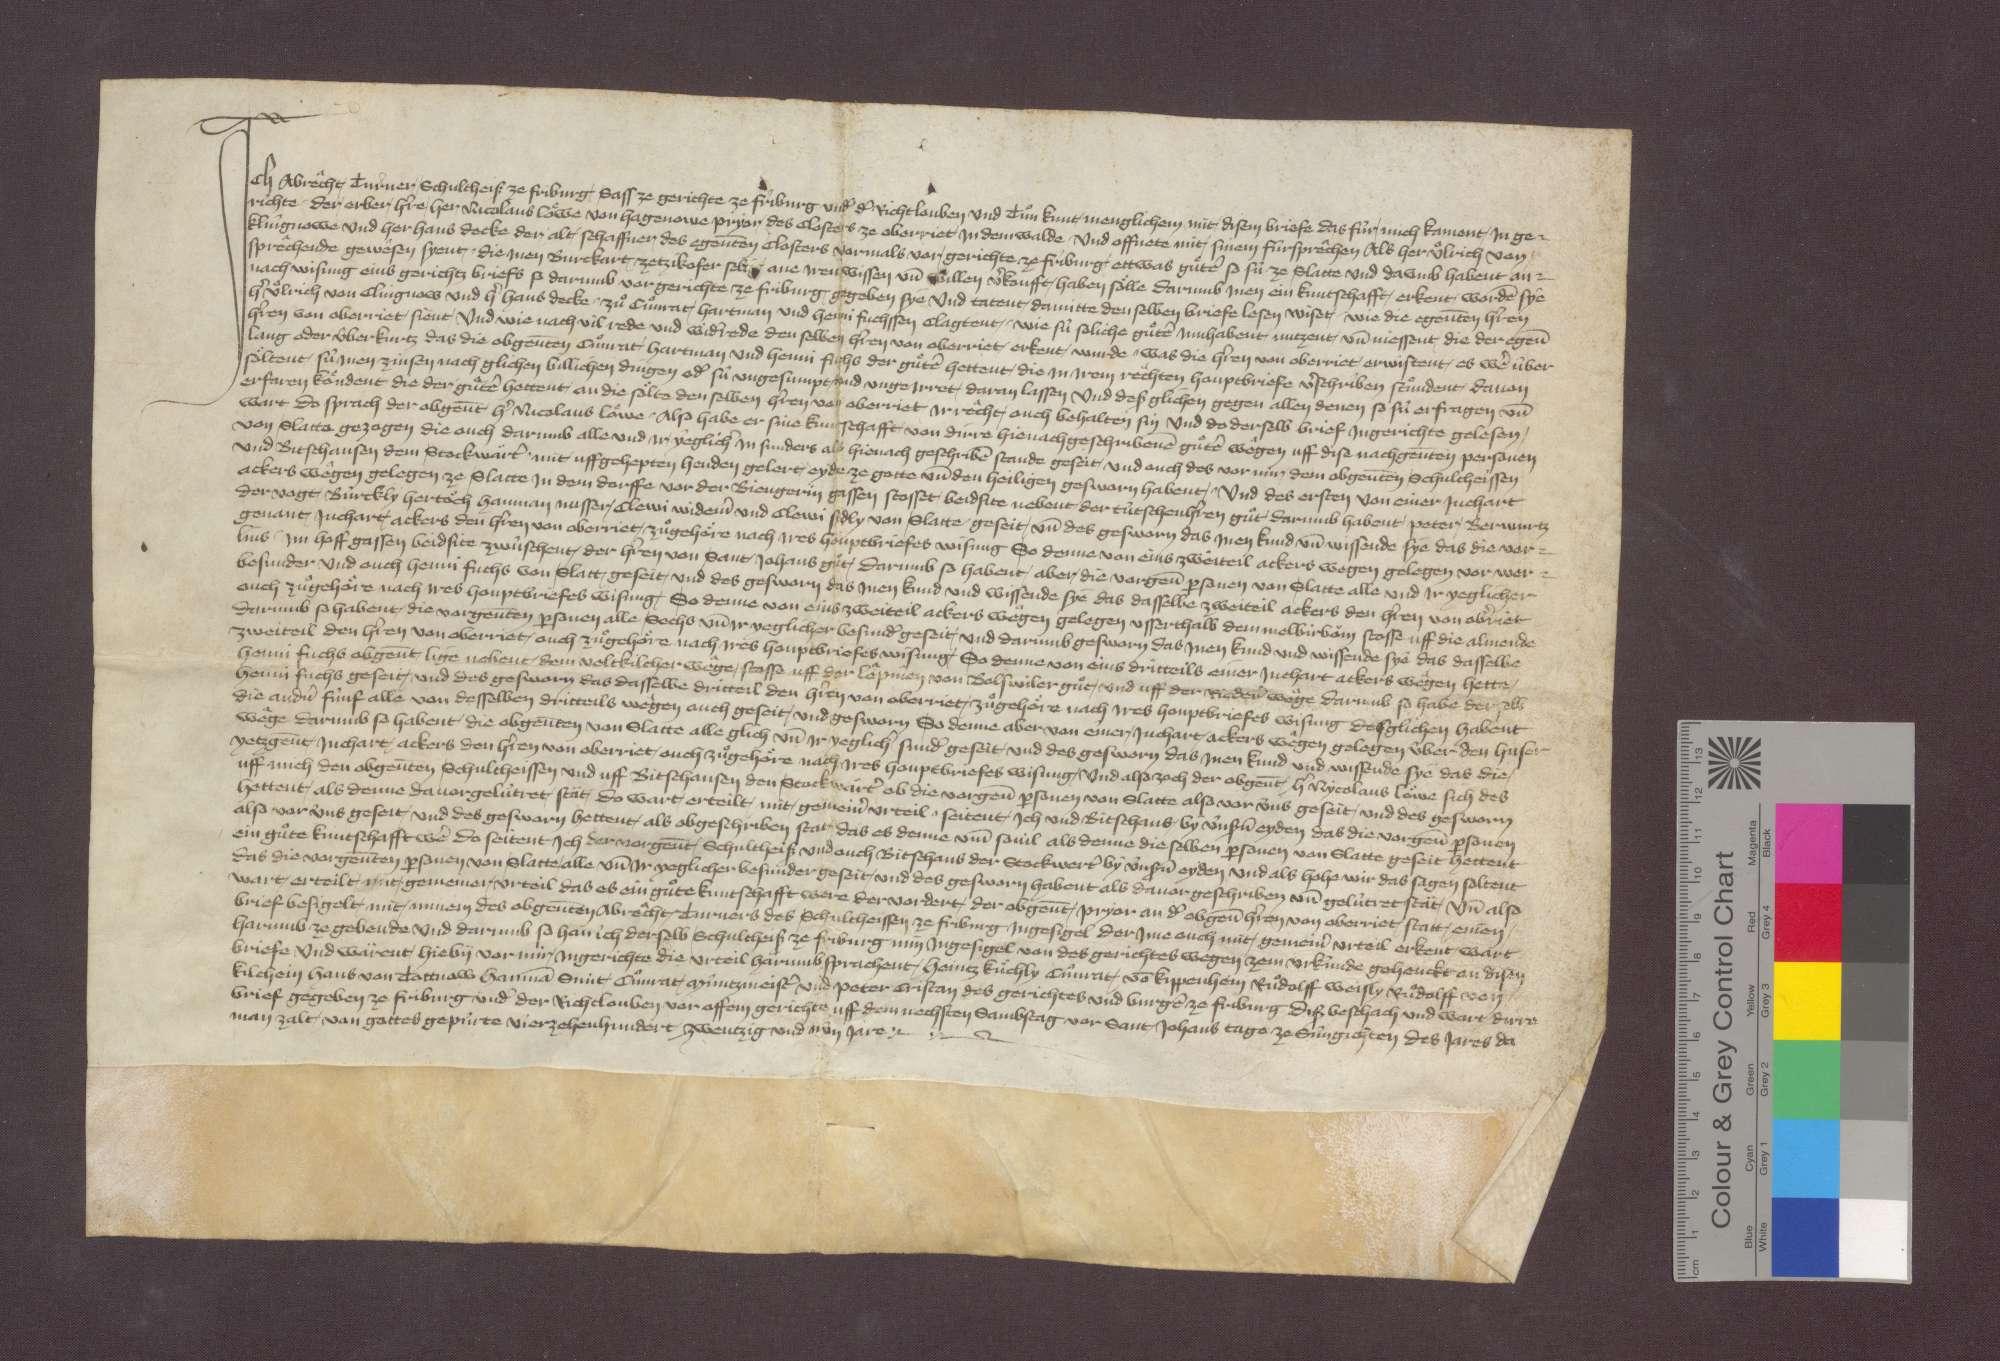 Das Gericht zu Freiburg spricht auf die nach dem Urteilsspruch von 1428 Juni 15 (GLA 22 Nr. 278) eingeholten Kundschaften hin den zwischen Hartmann von Feldkirch und Henni Fuchs einerseits und dem Kloster Oberried im Wald andererseits strittigen Zins von Gütern zu Schlatt dem Kloster zu., Bild 1